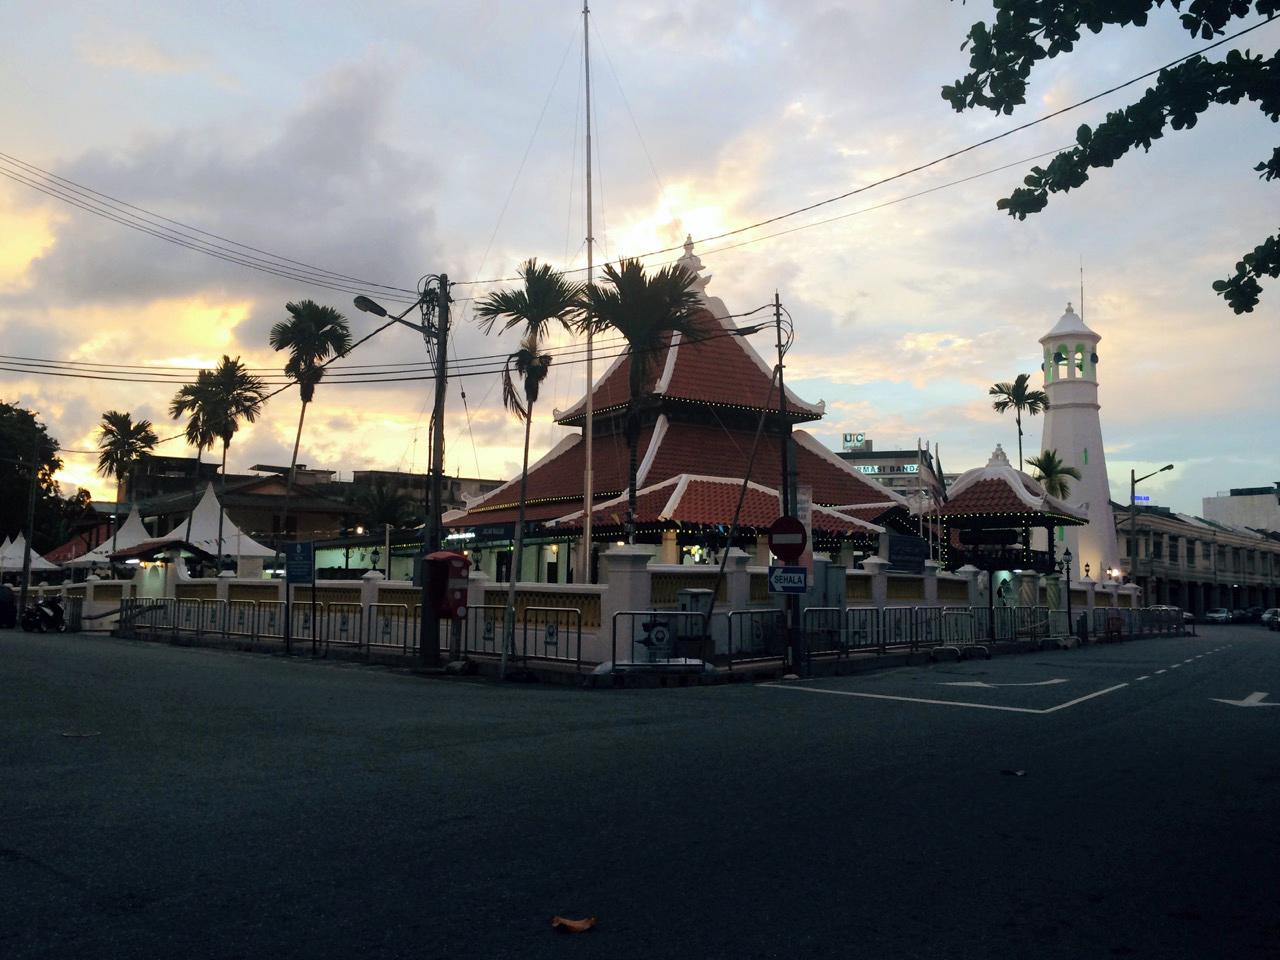 Мечеть Кампунг Клинг, Малакка, Малайзия